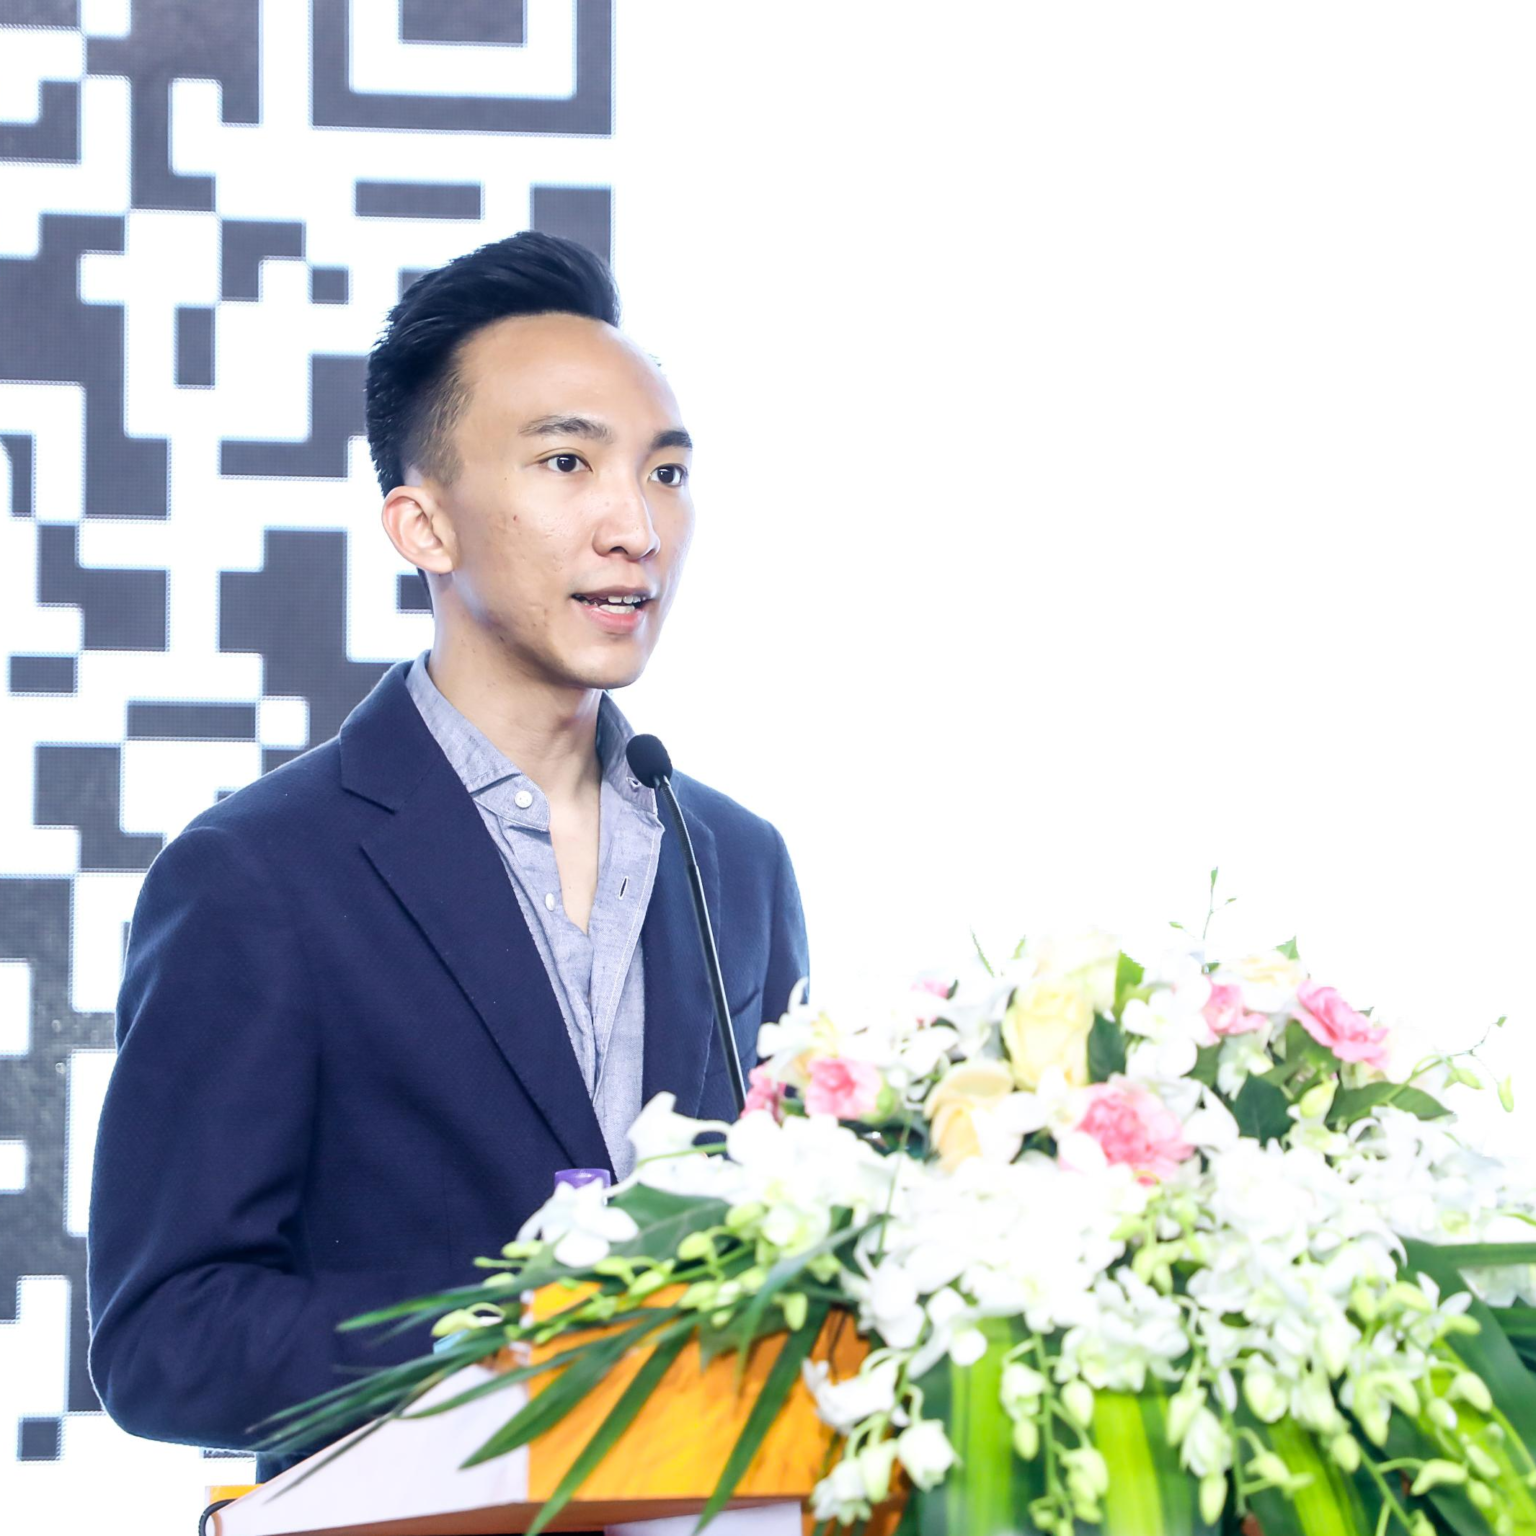 Ian Yu